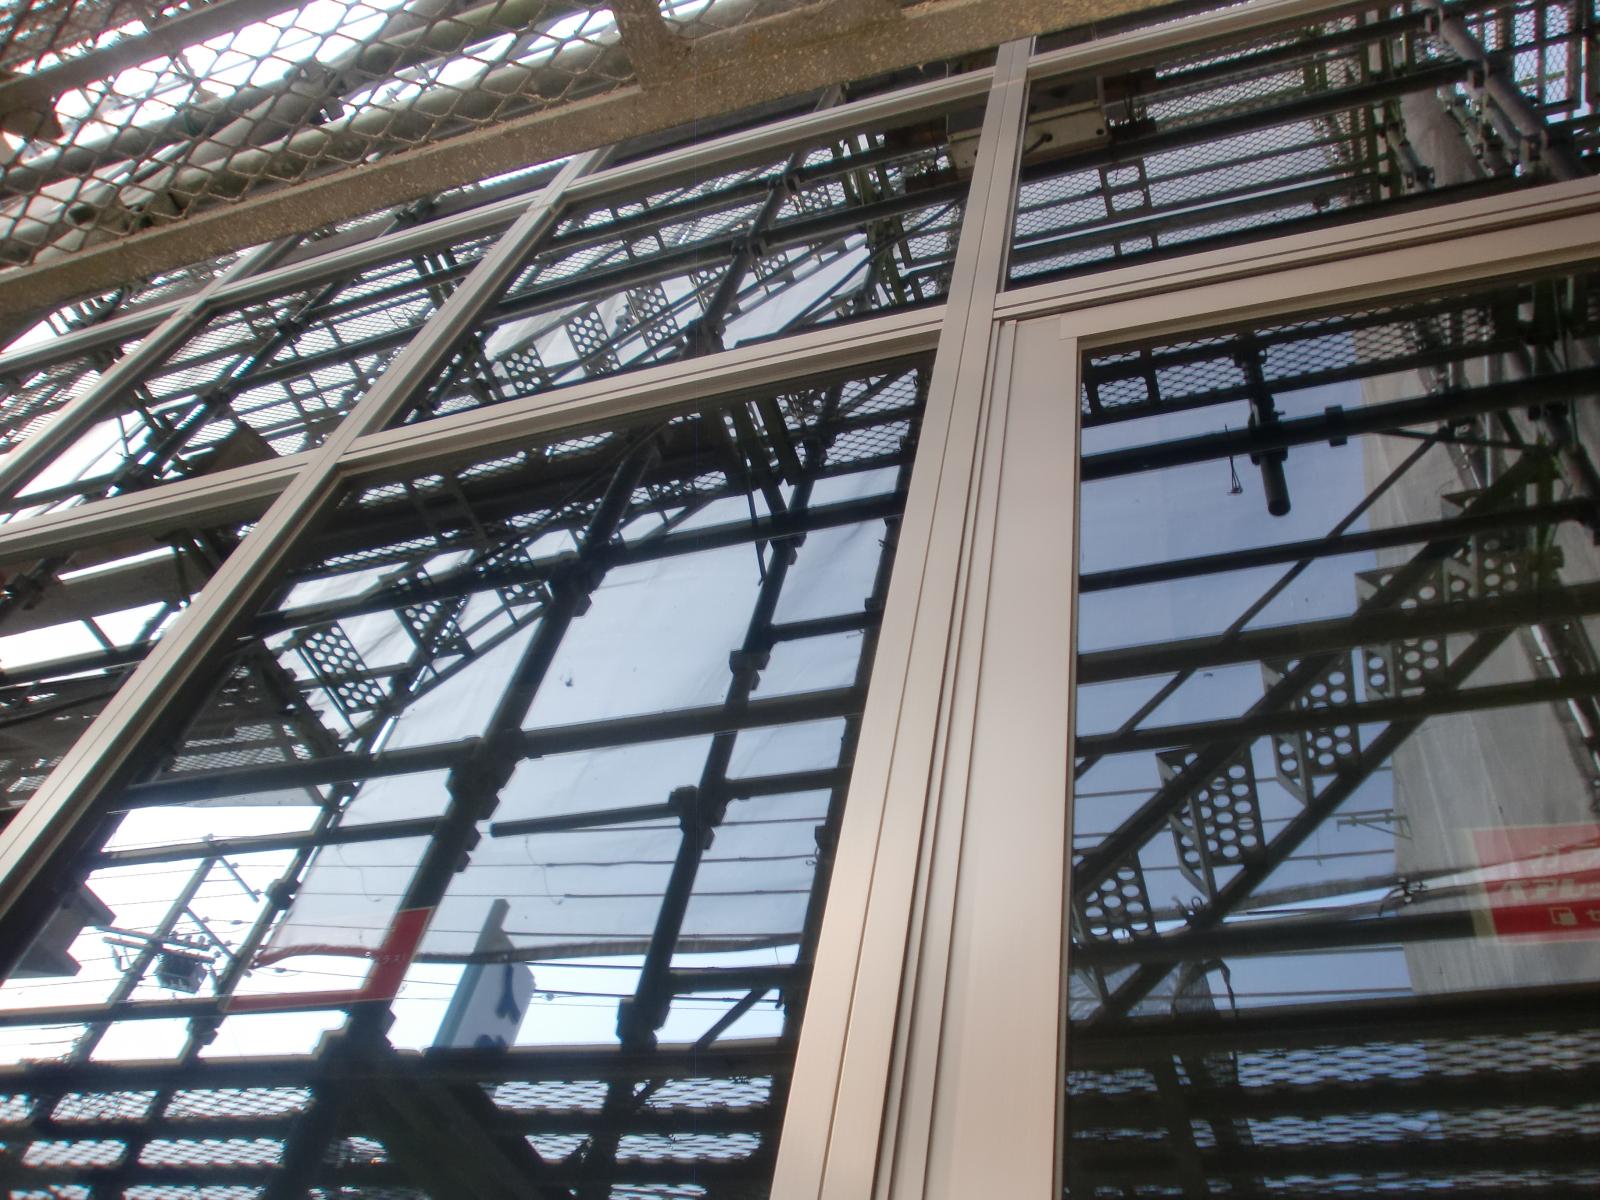 姫路市 土山 某企業カーテンウォール ハイドロテクトガラスコーティング